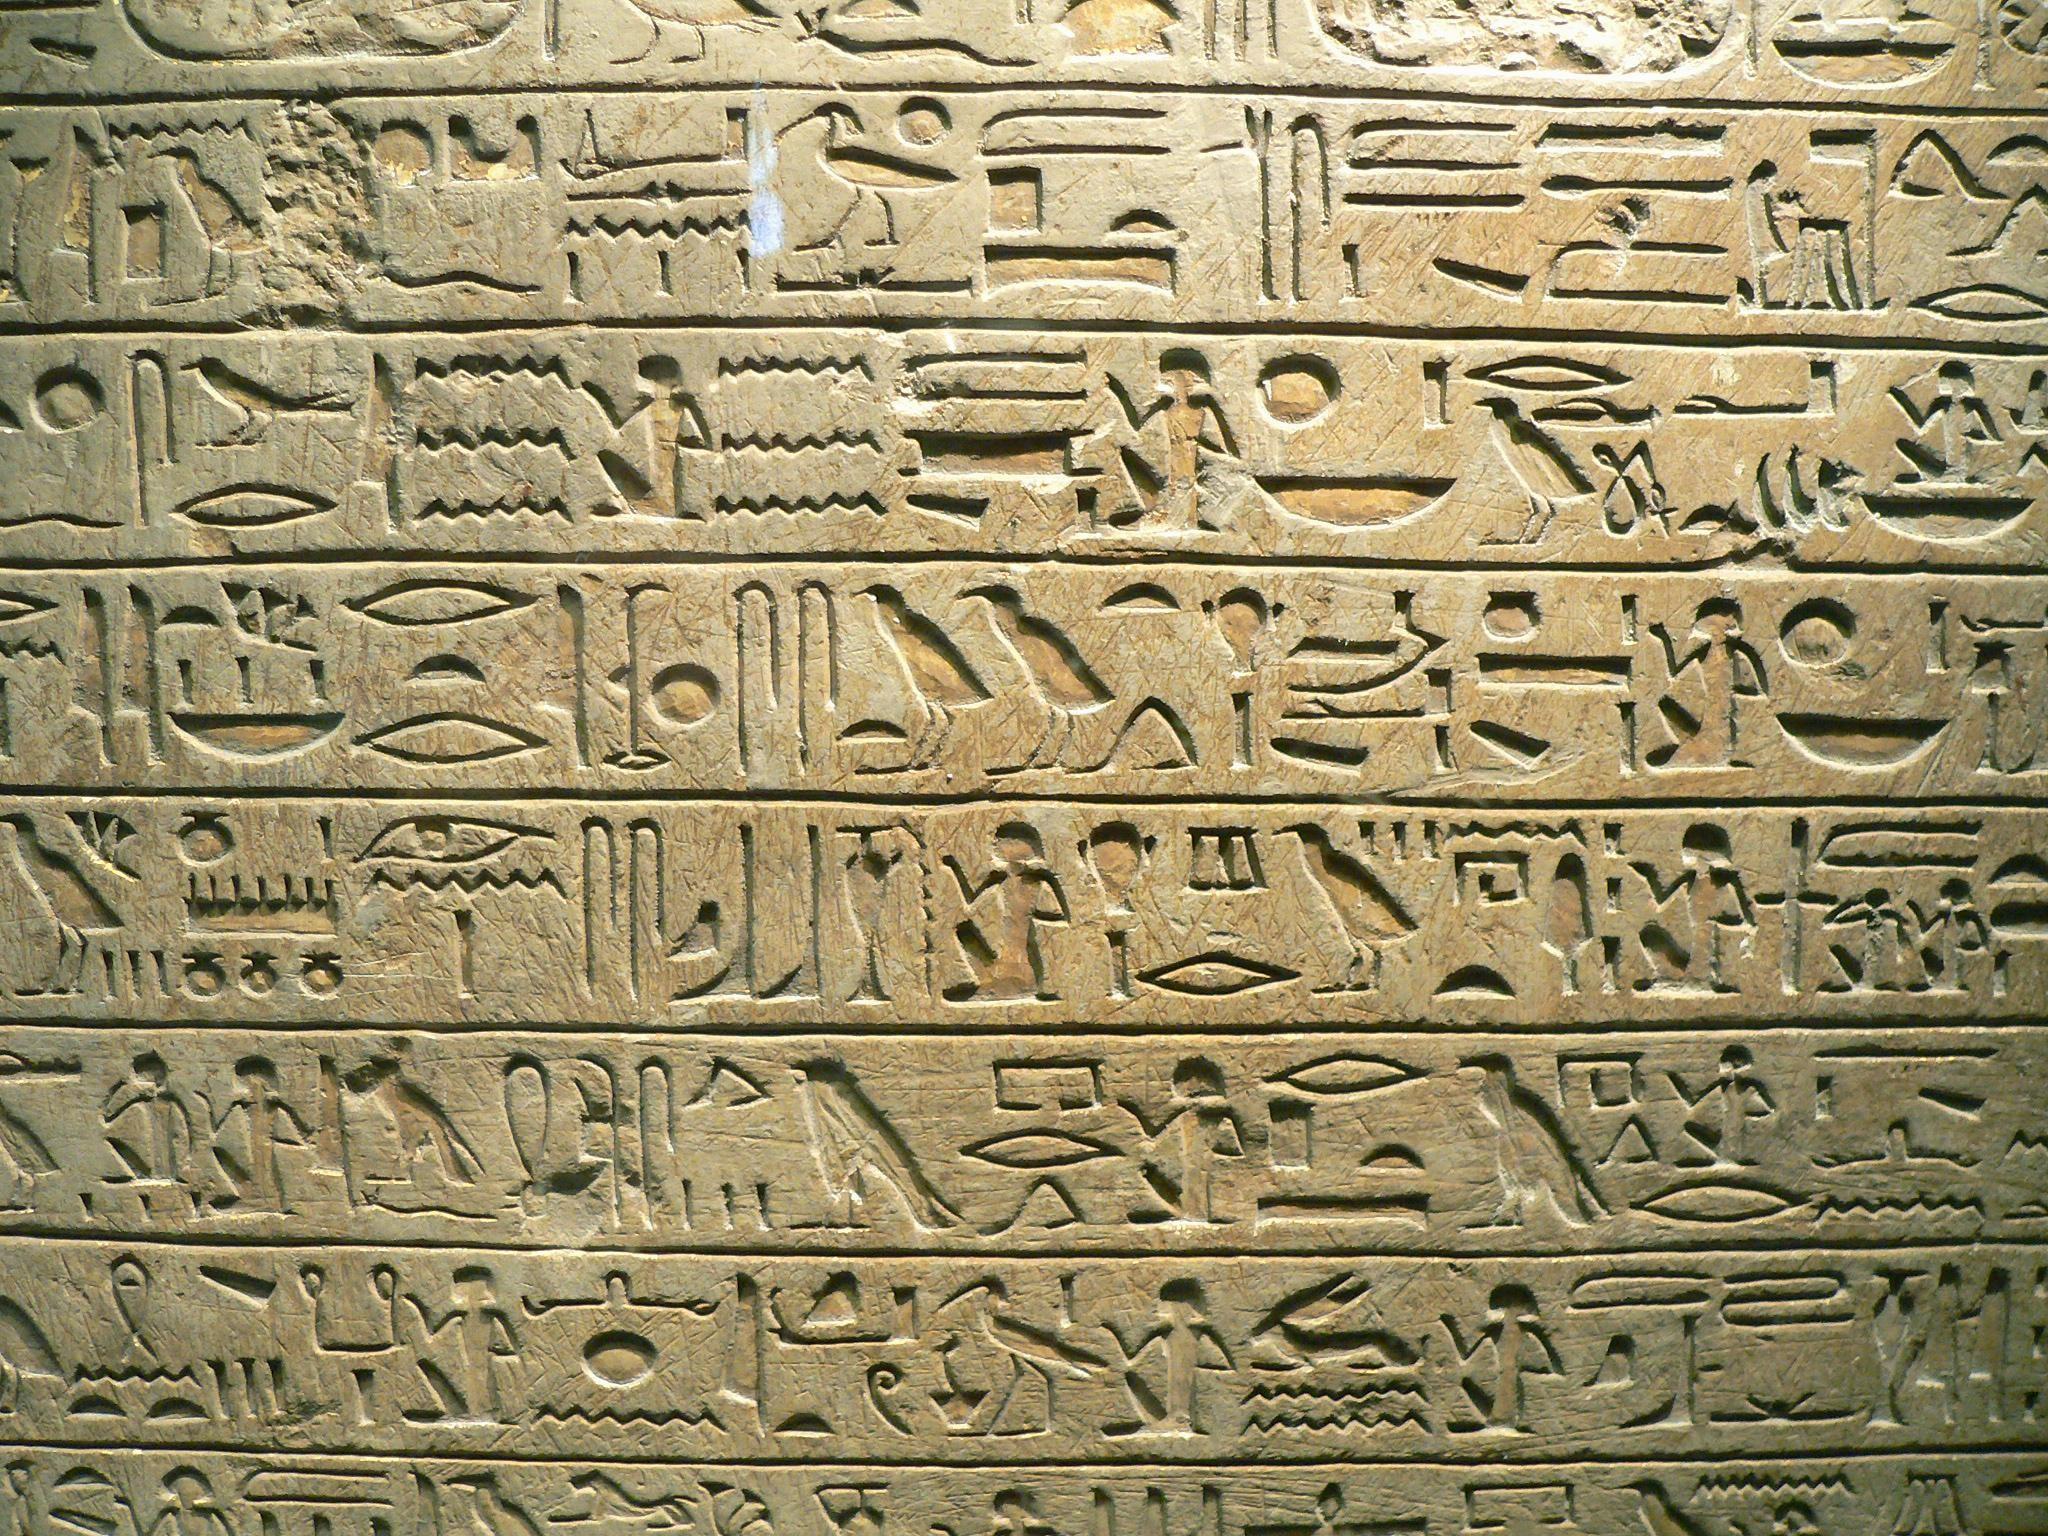 2048x1536 Wallpaperwiki HD Egyptian Hieroglyphics Wallpaper PIC WPD003412